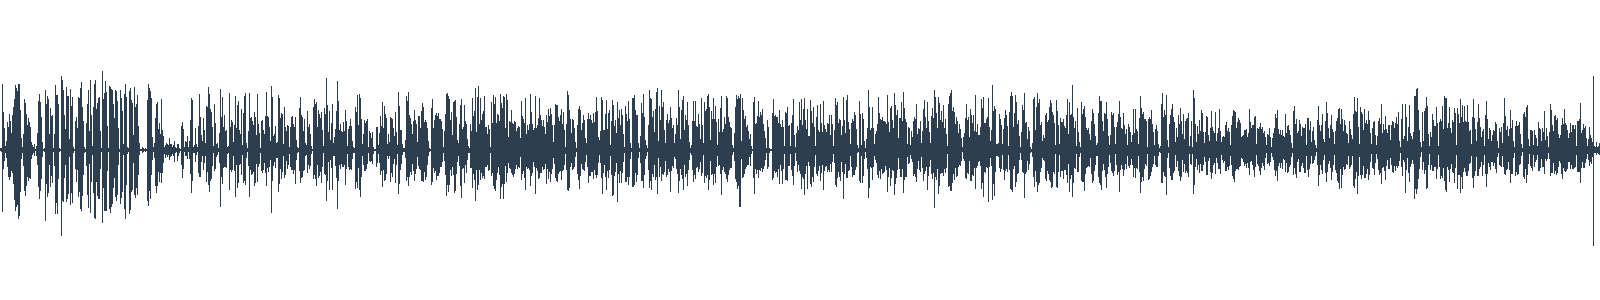 20. nedeľa v období cez rok waveform